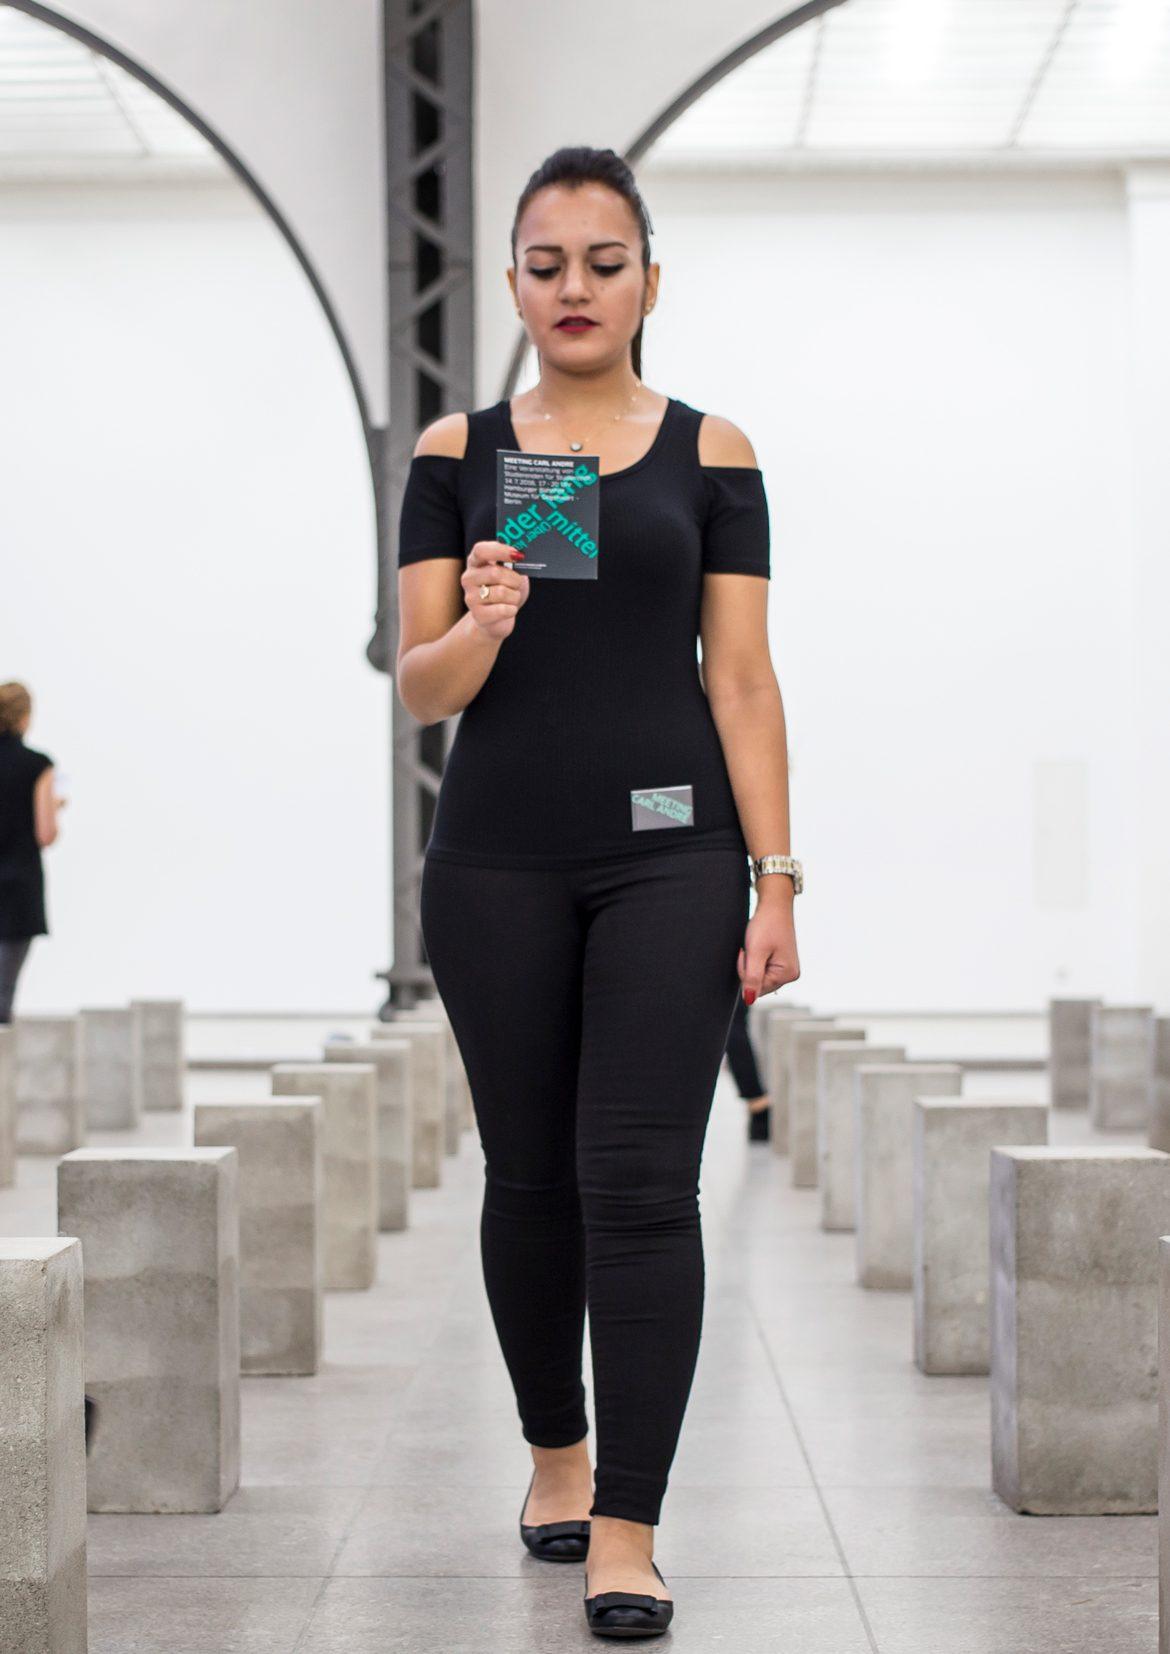 bureaumathiasbeyer_staatlichemuseenzuberlin_ueberkurzmitteloderlang_06 Staatliche Museen zu Berlin